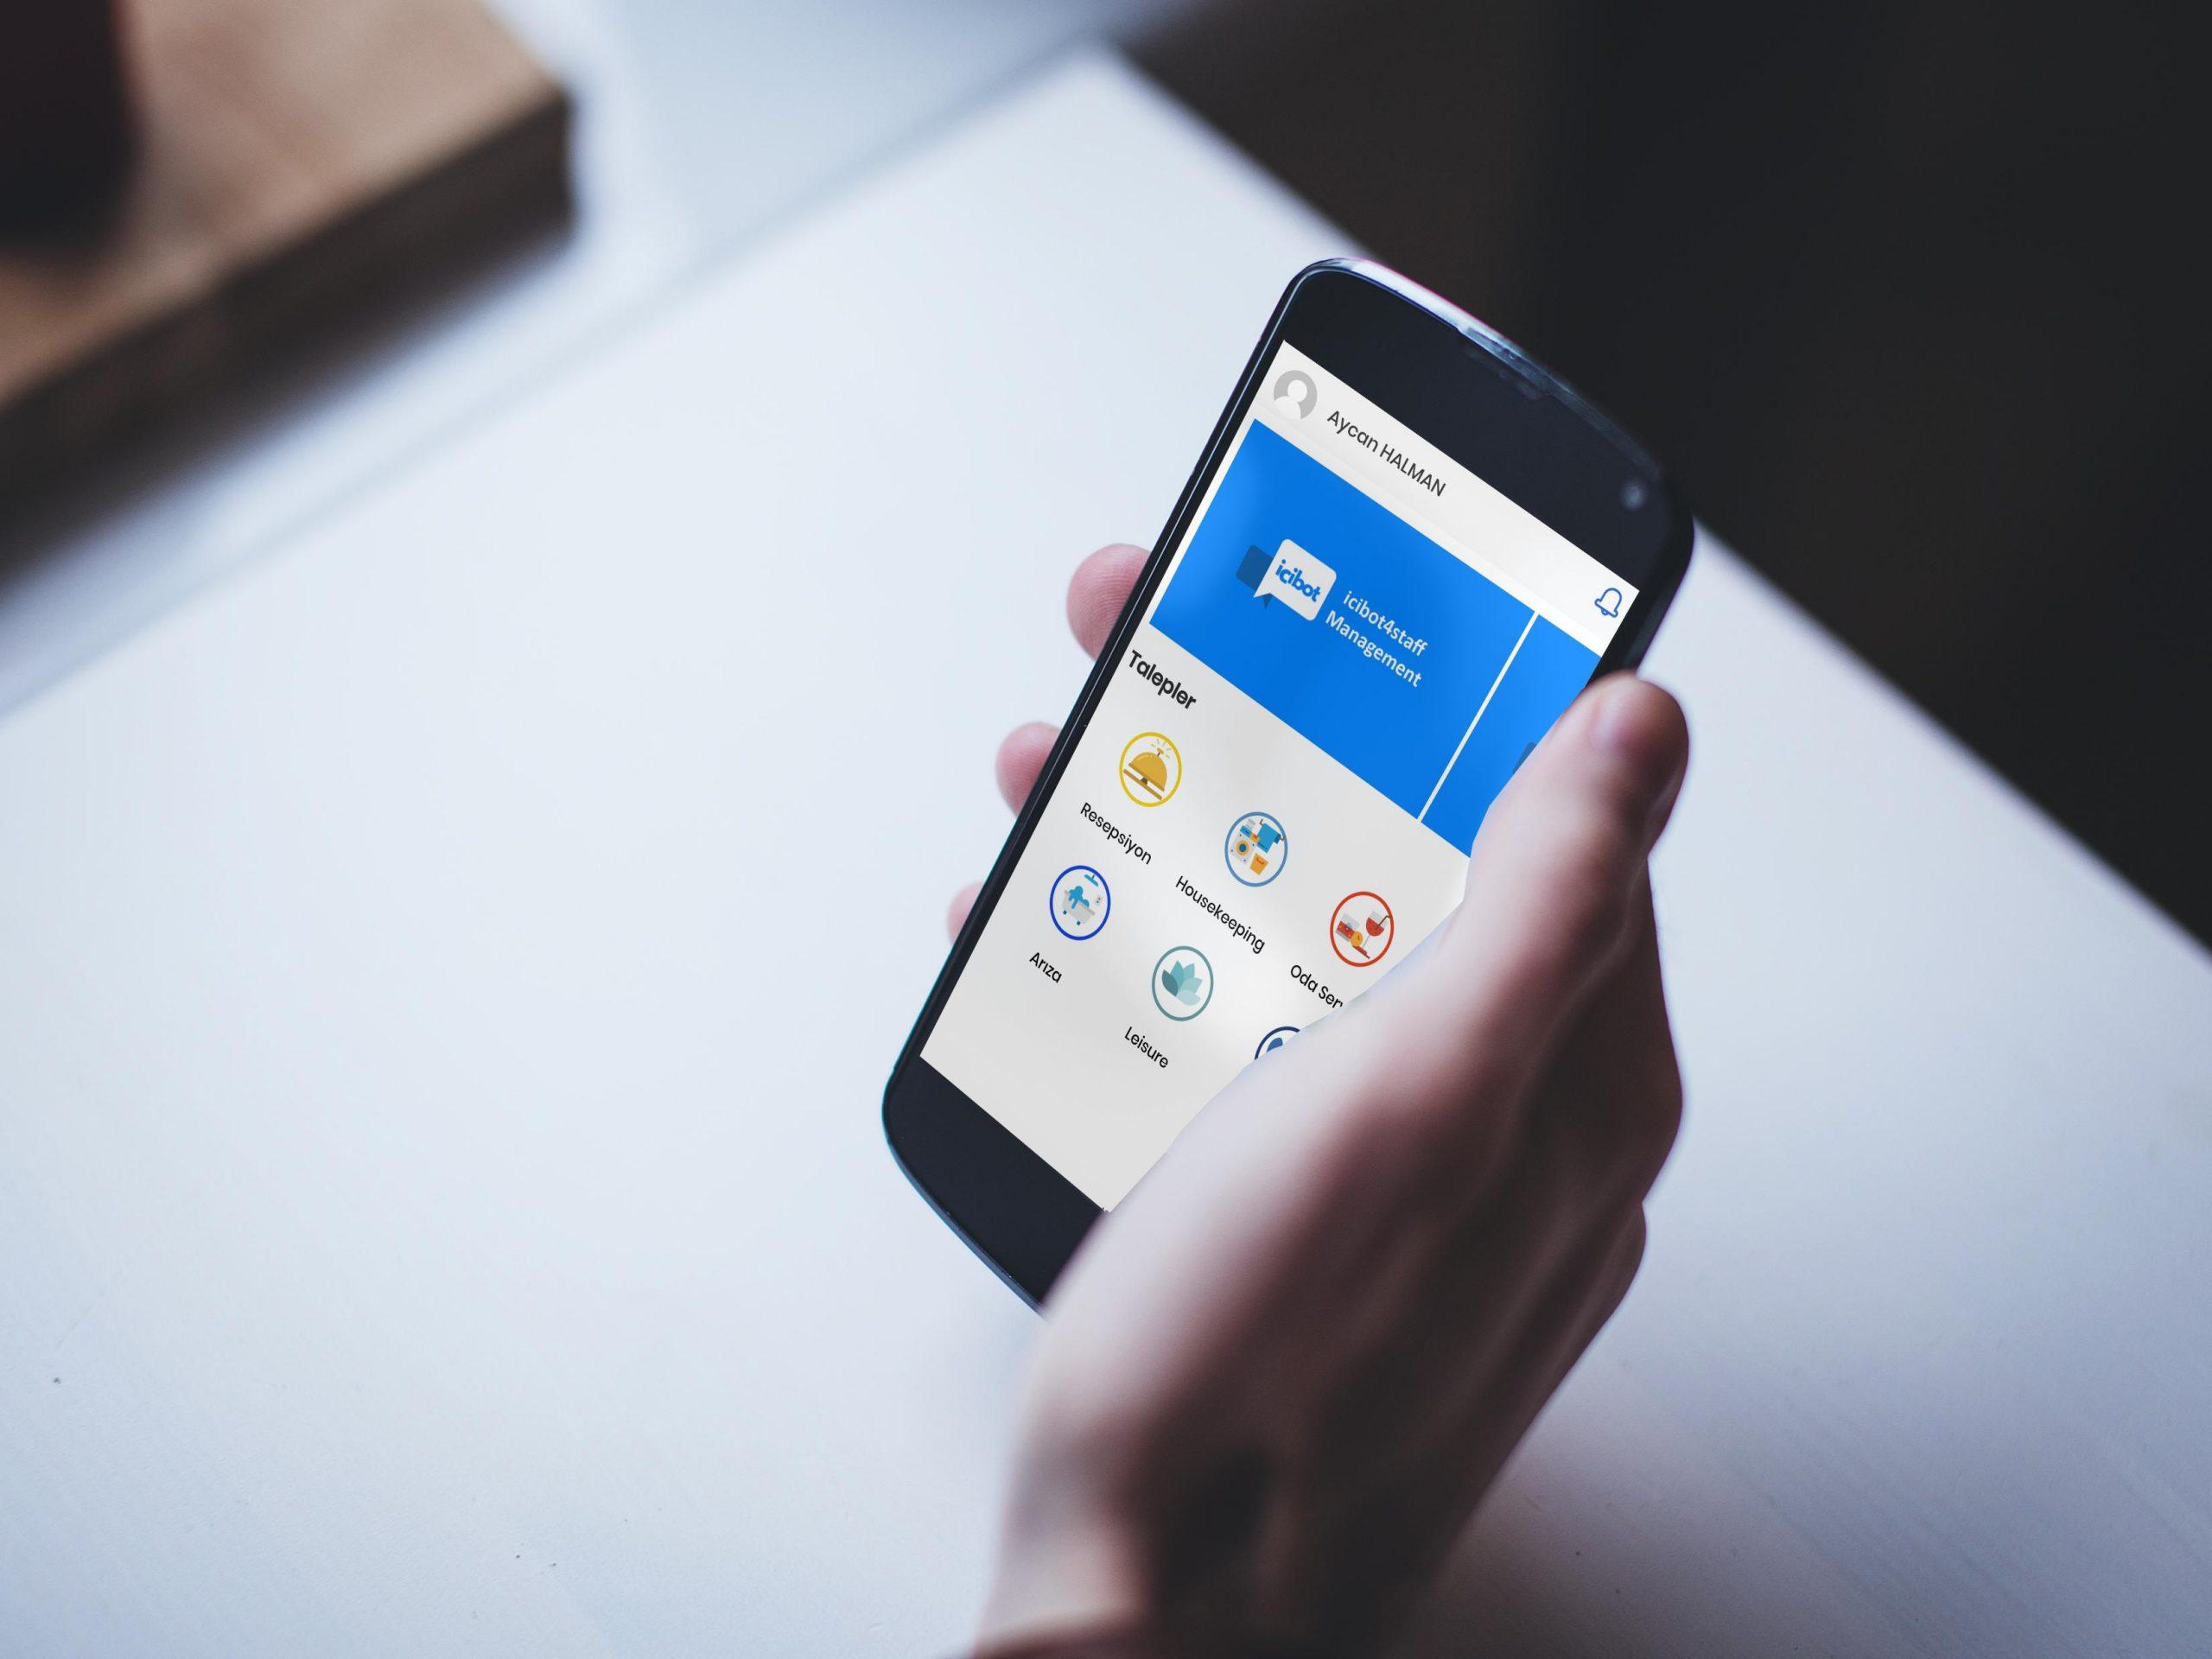 Şikayet Yönetim Sistemi mobil otel yönetim sistemi